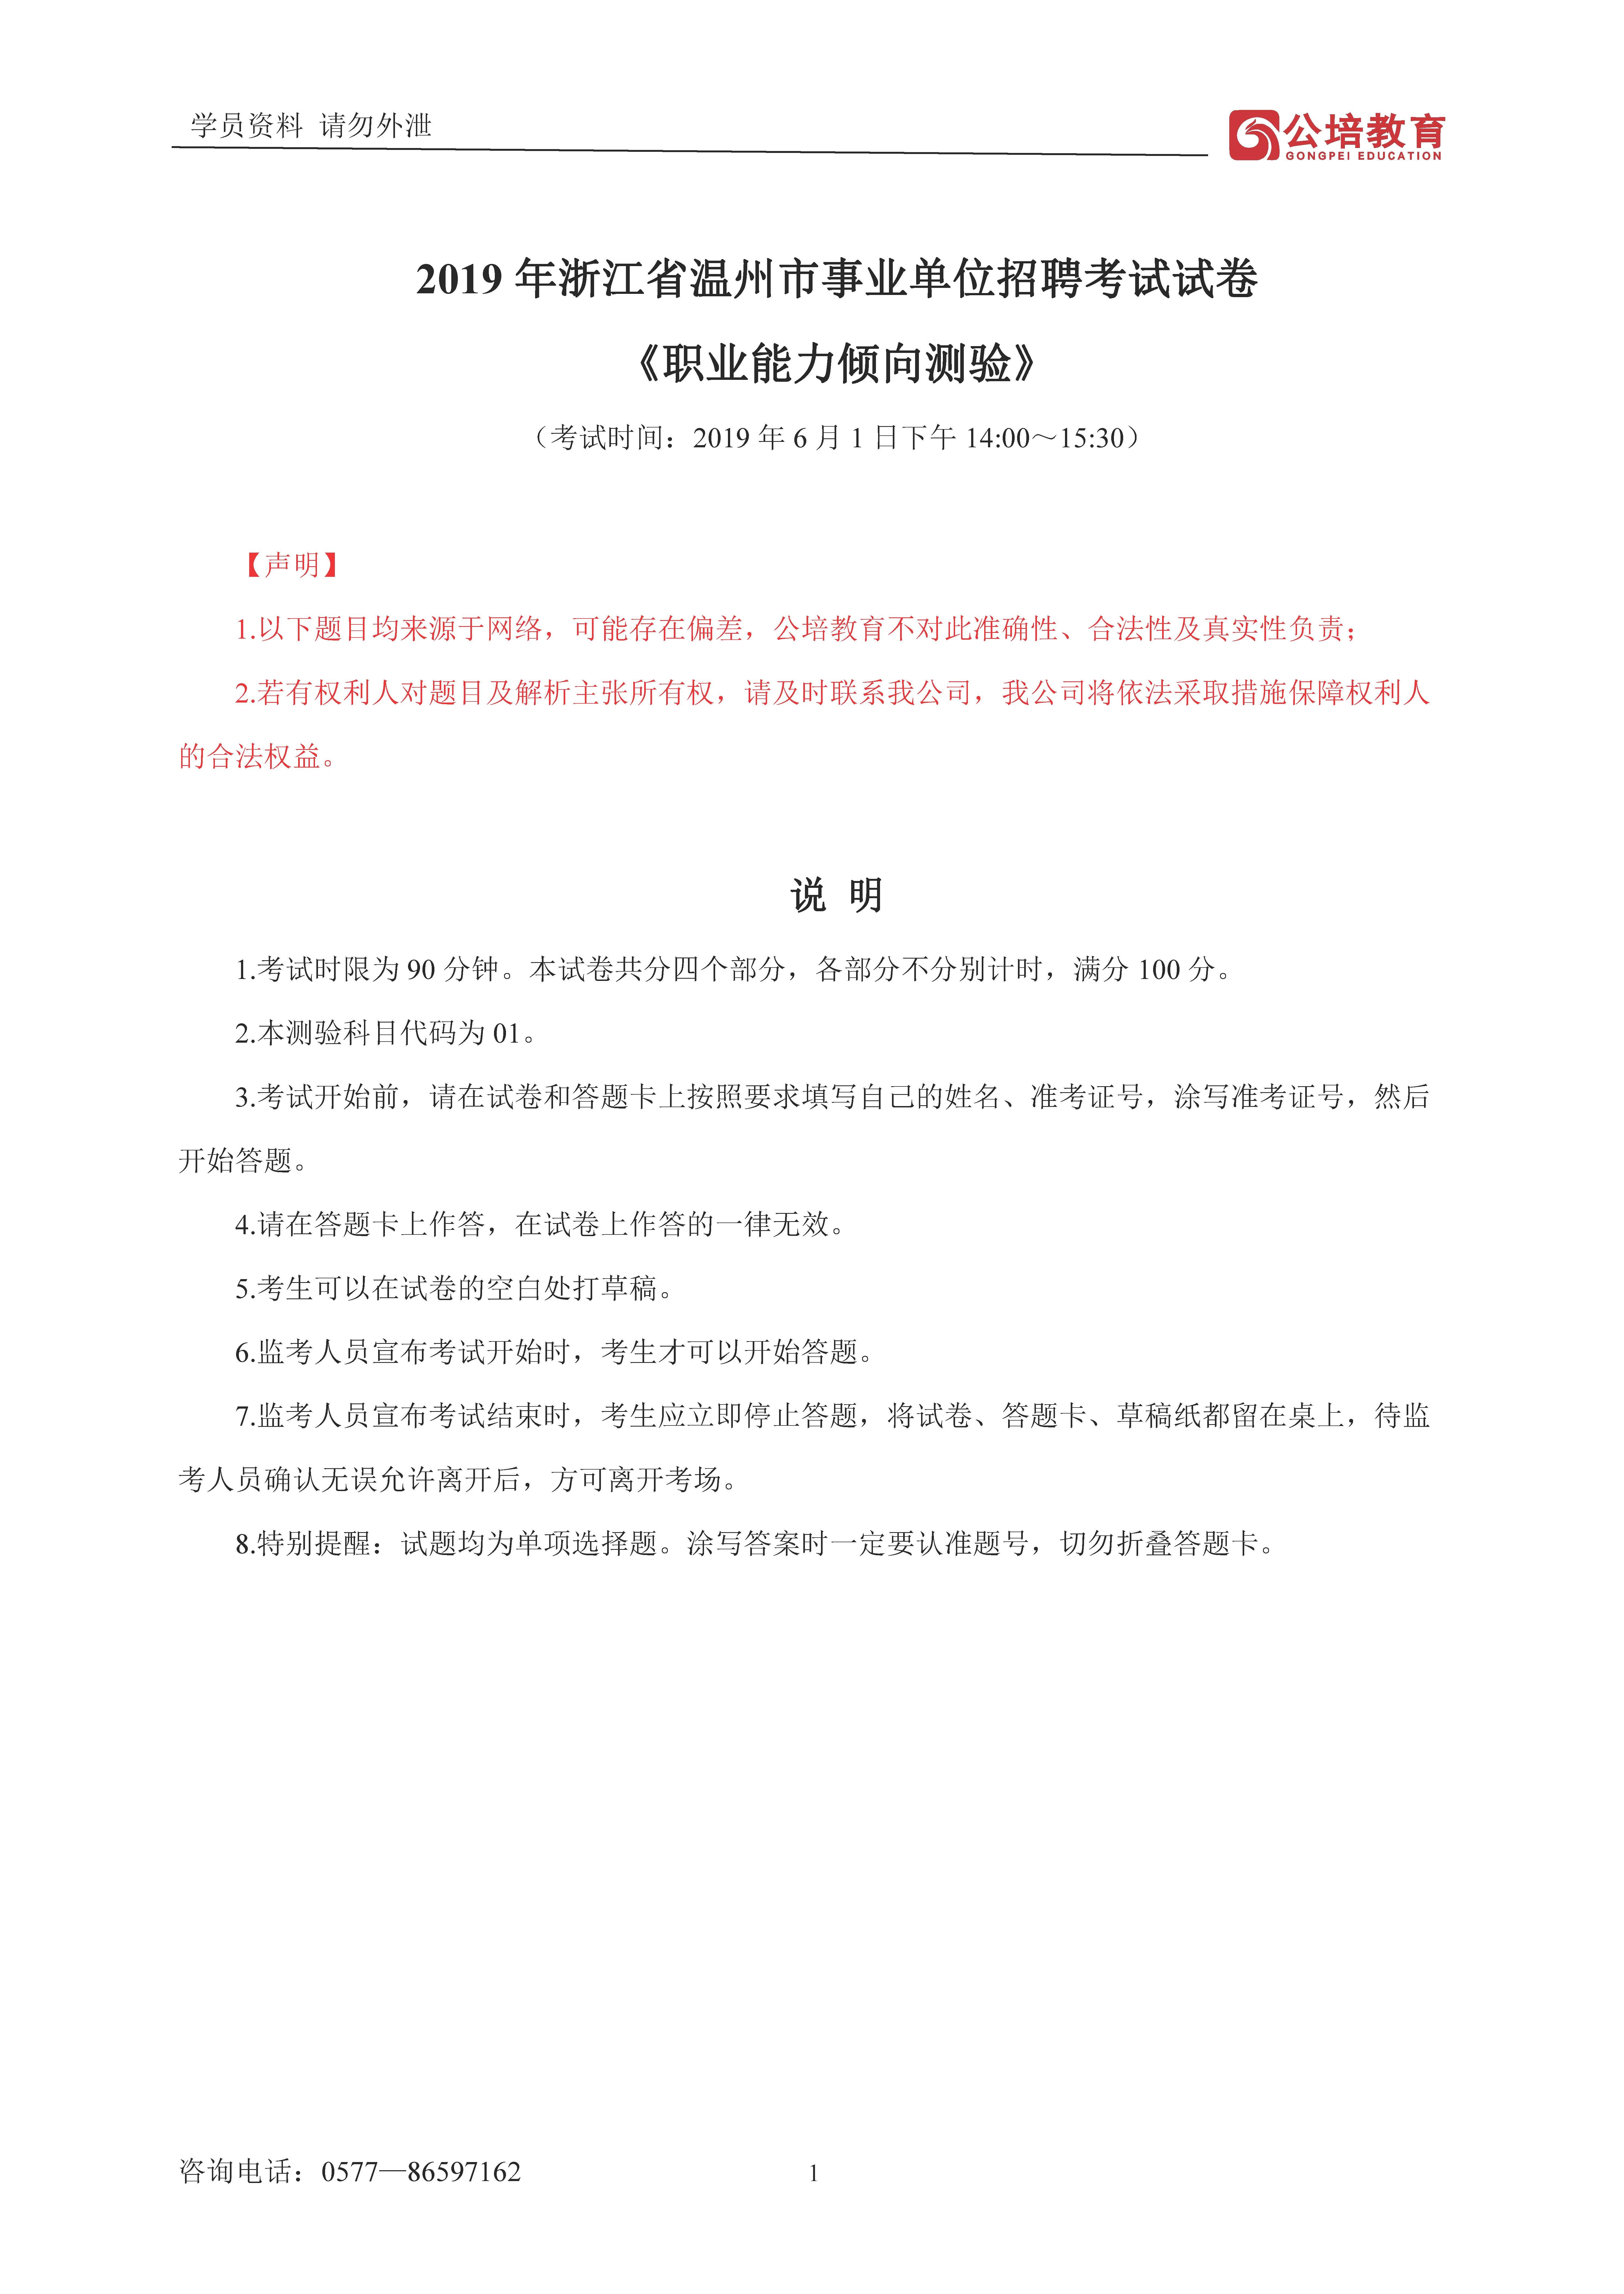 温州公务员考试 温州事业单位招聘 温州公培教育